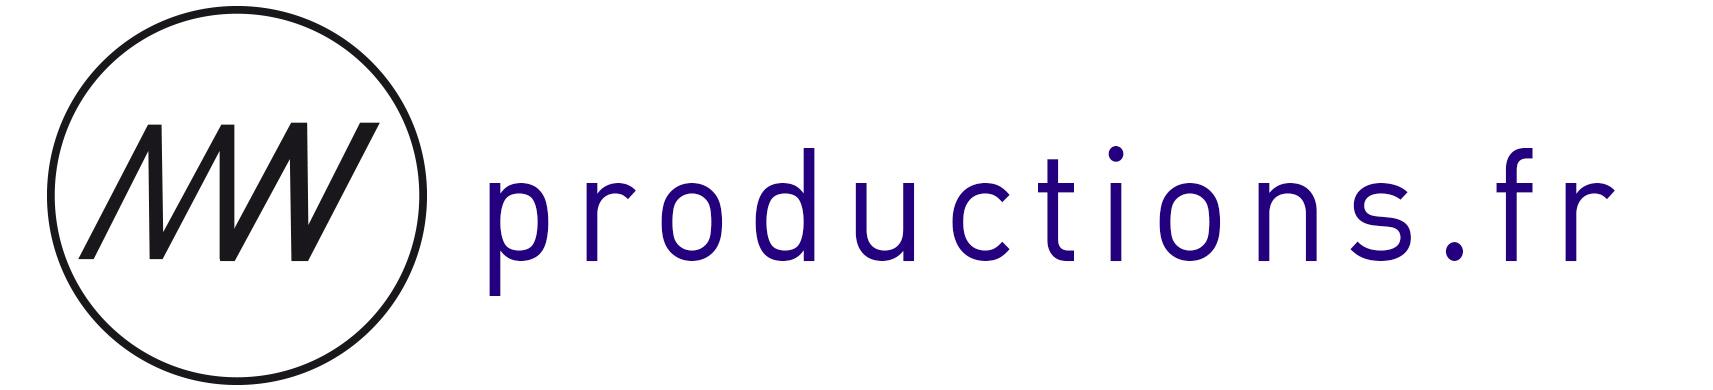 MW productions - réalisations audio-visuelles : vidéo / photo / audio / drone